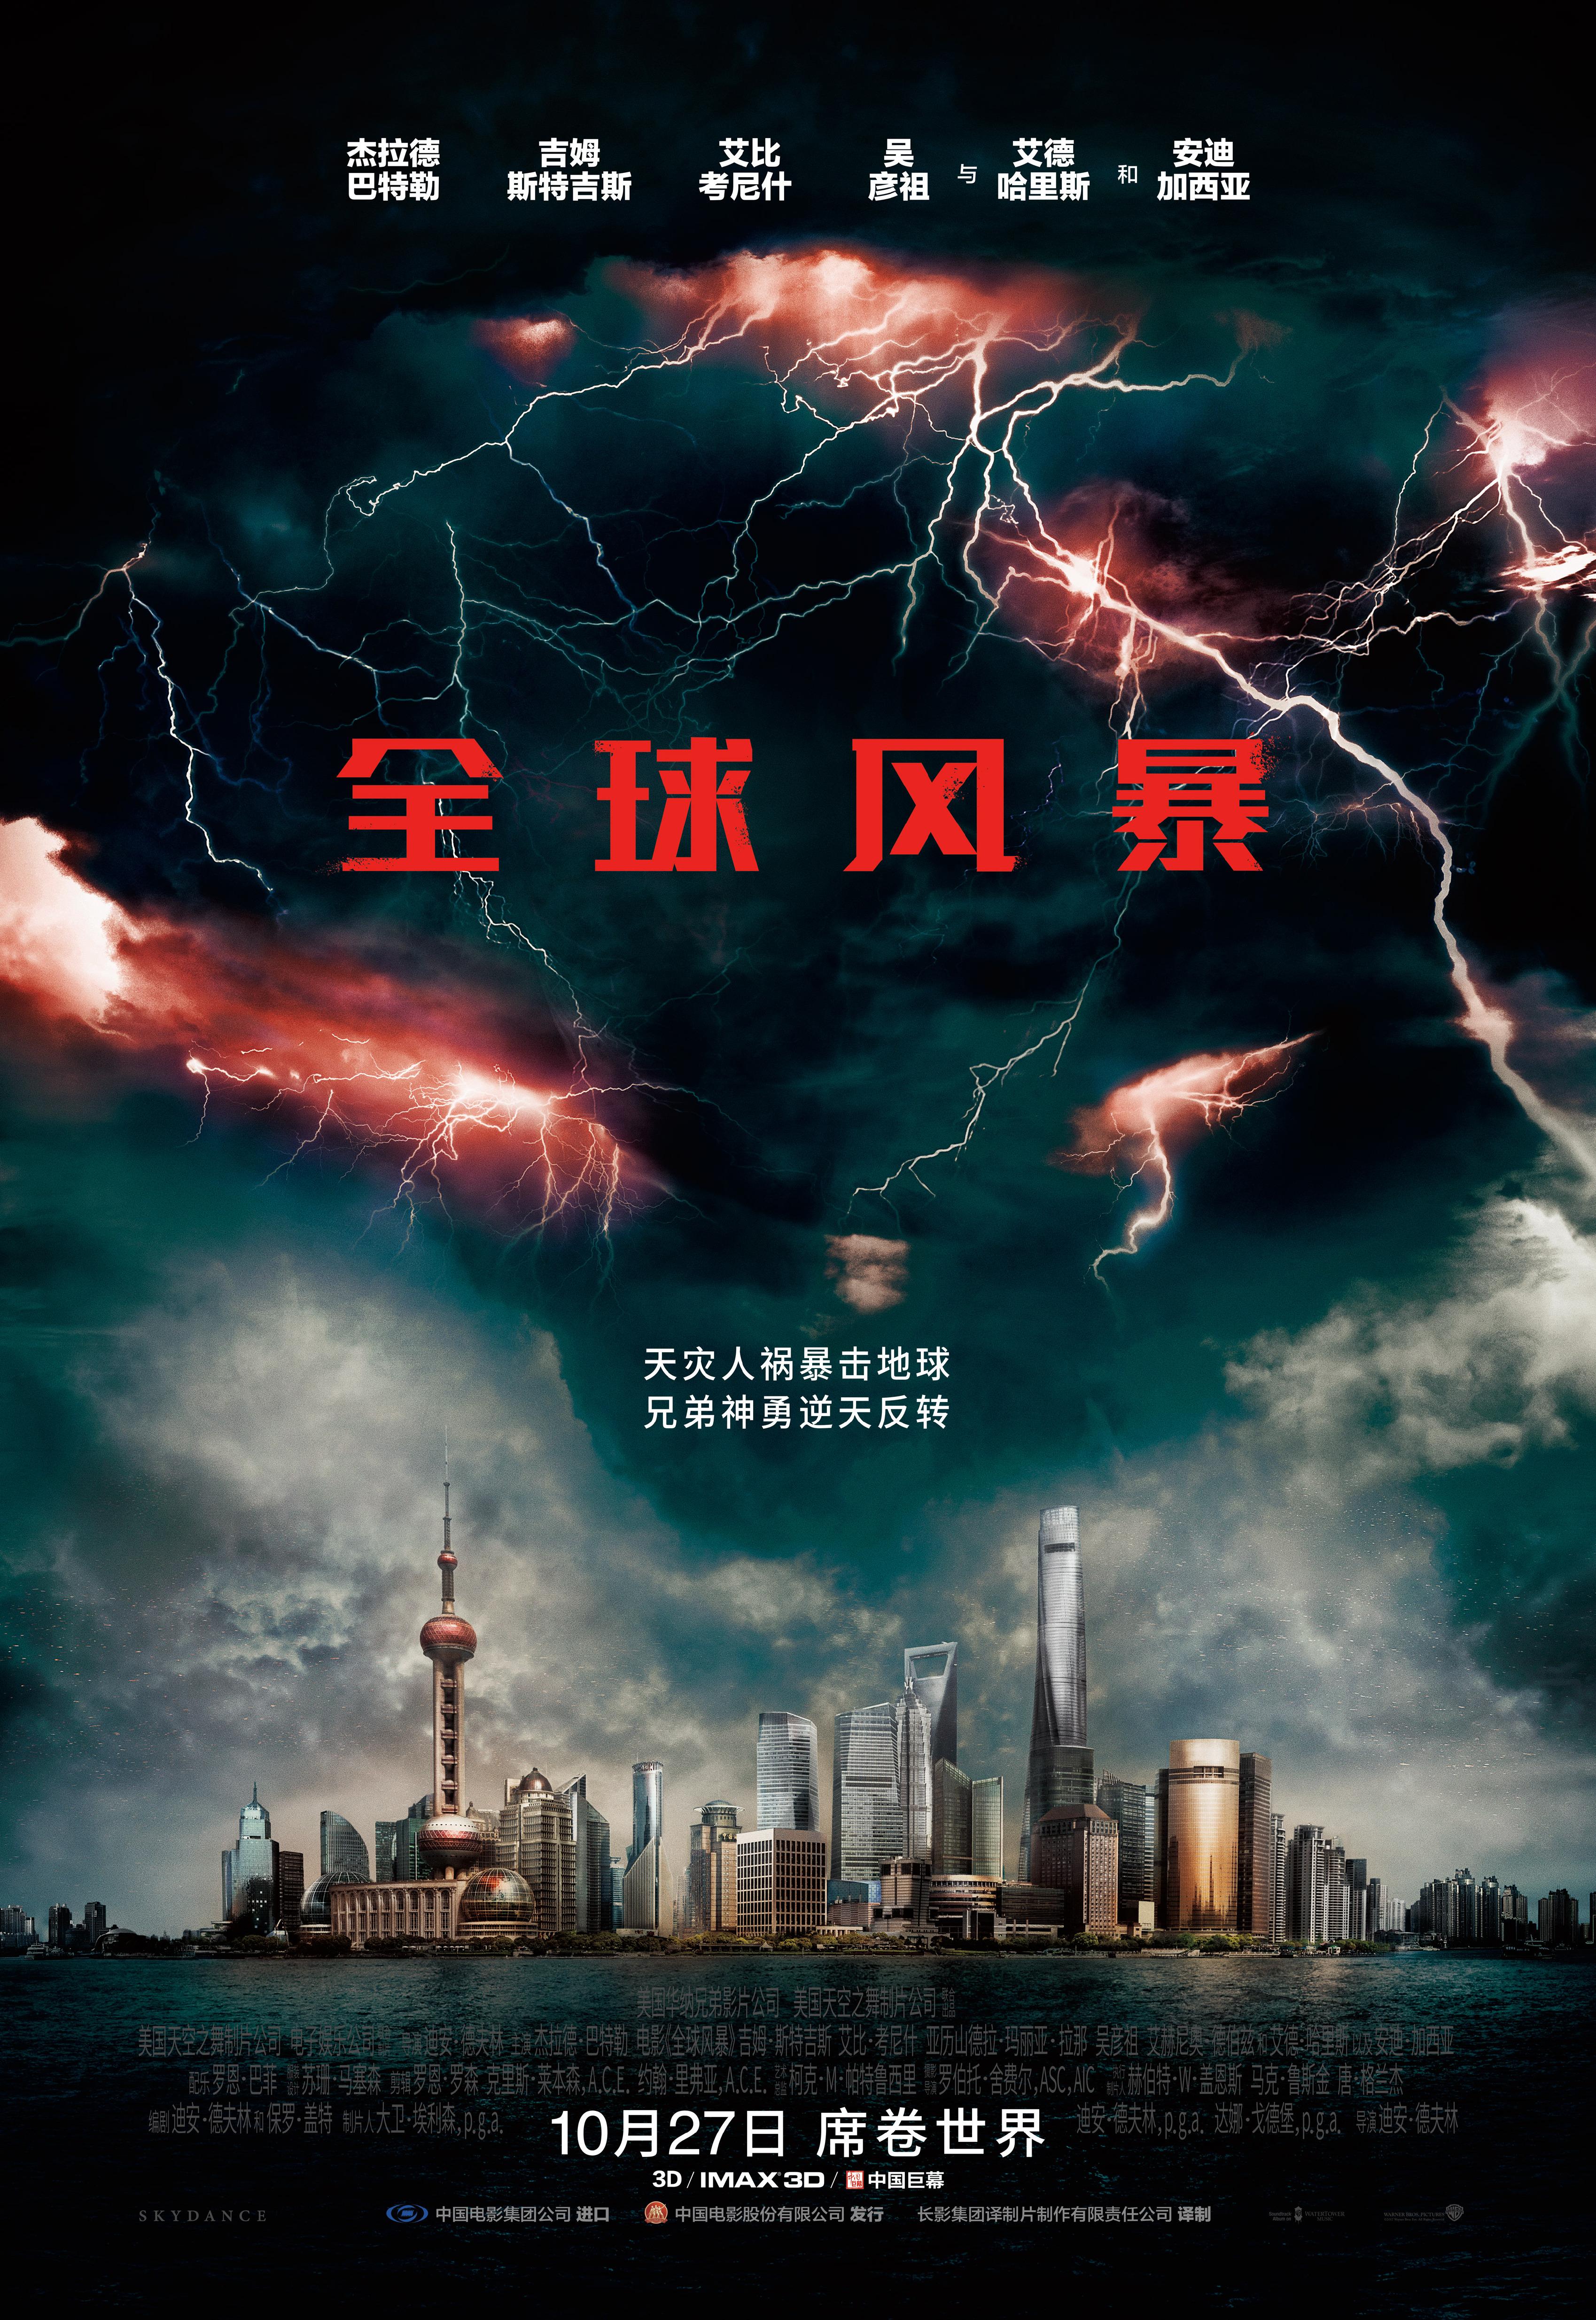 心战风暴_电影《全球风暴》完整版免费在线观看-悬疑片-爱看TVB